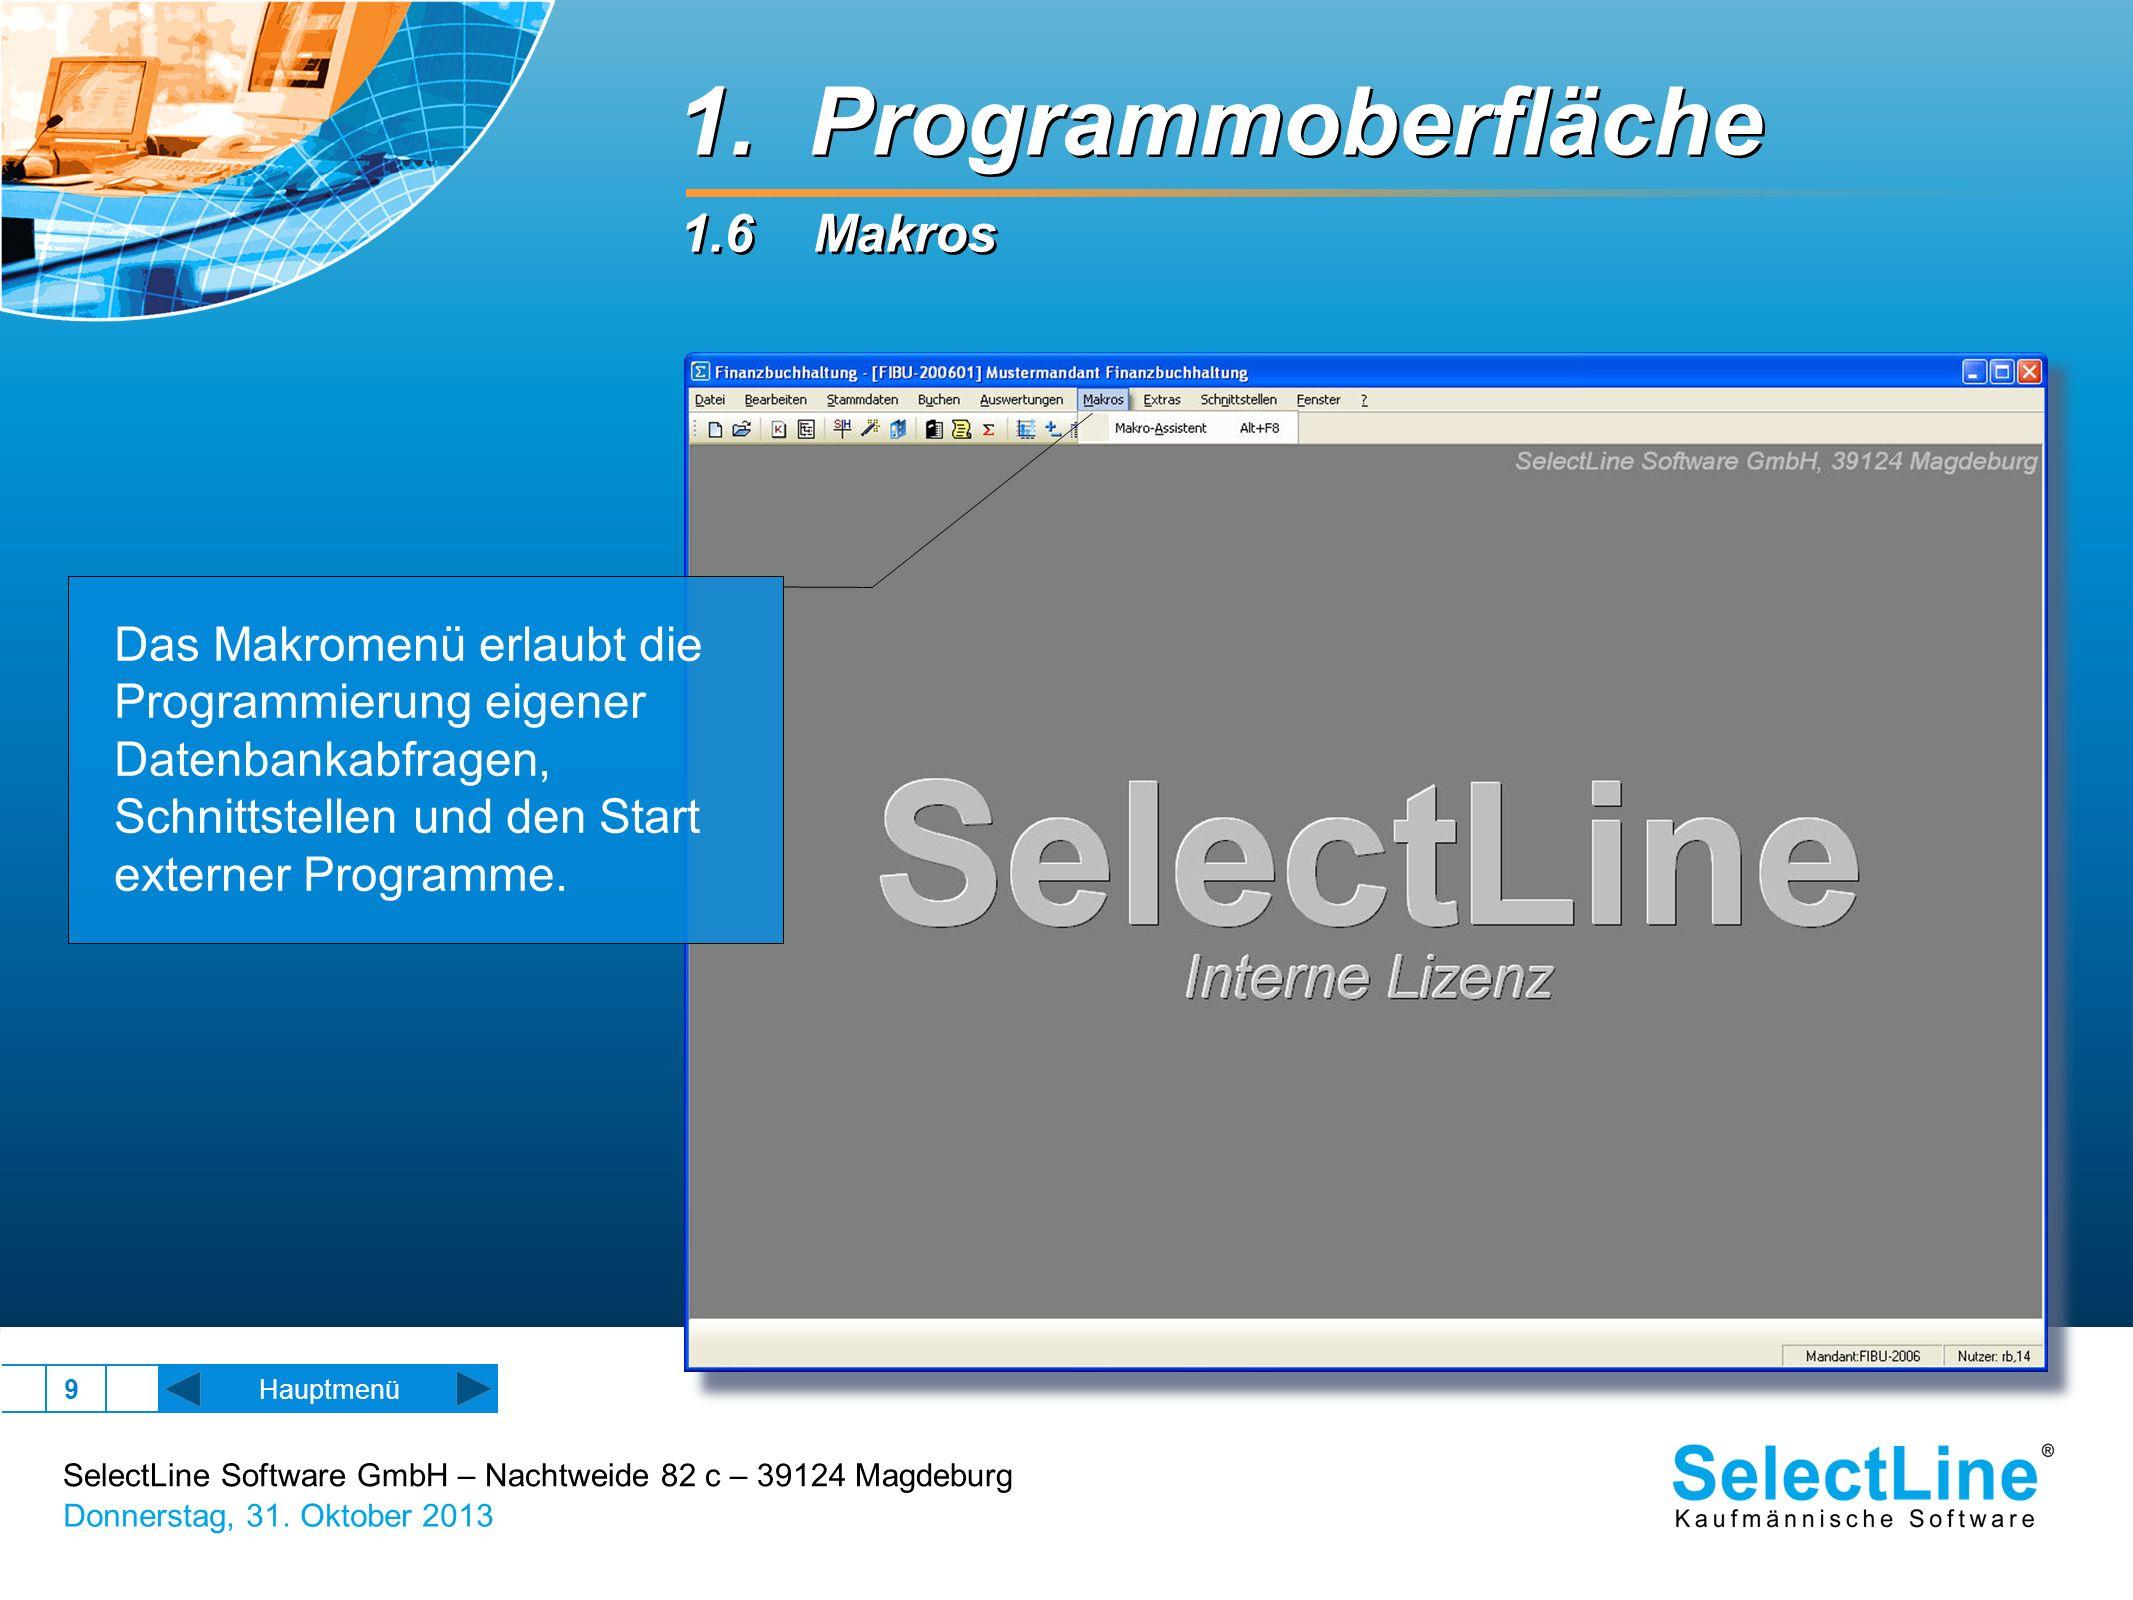 SelectLine Software GmbH – Nachtweide 82 c – 39124 Magdeburg Donnerstag, 31. Oktober 2013 9 Hauptmenü Das Makromenü erlaubt die Programmierung eigener